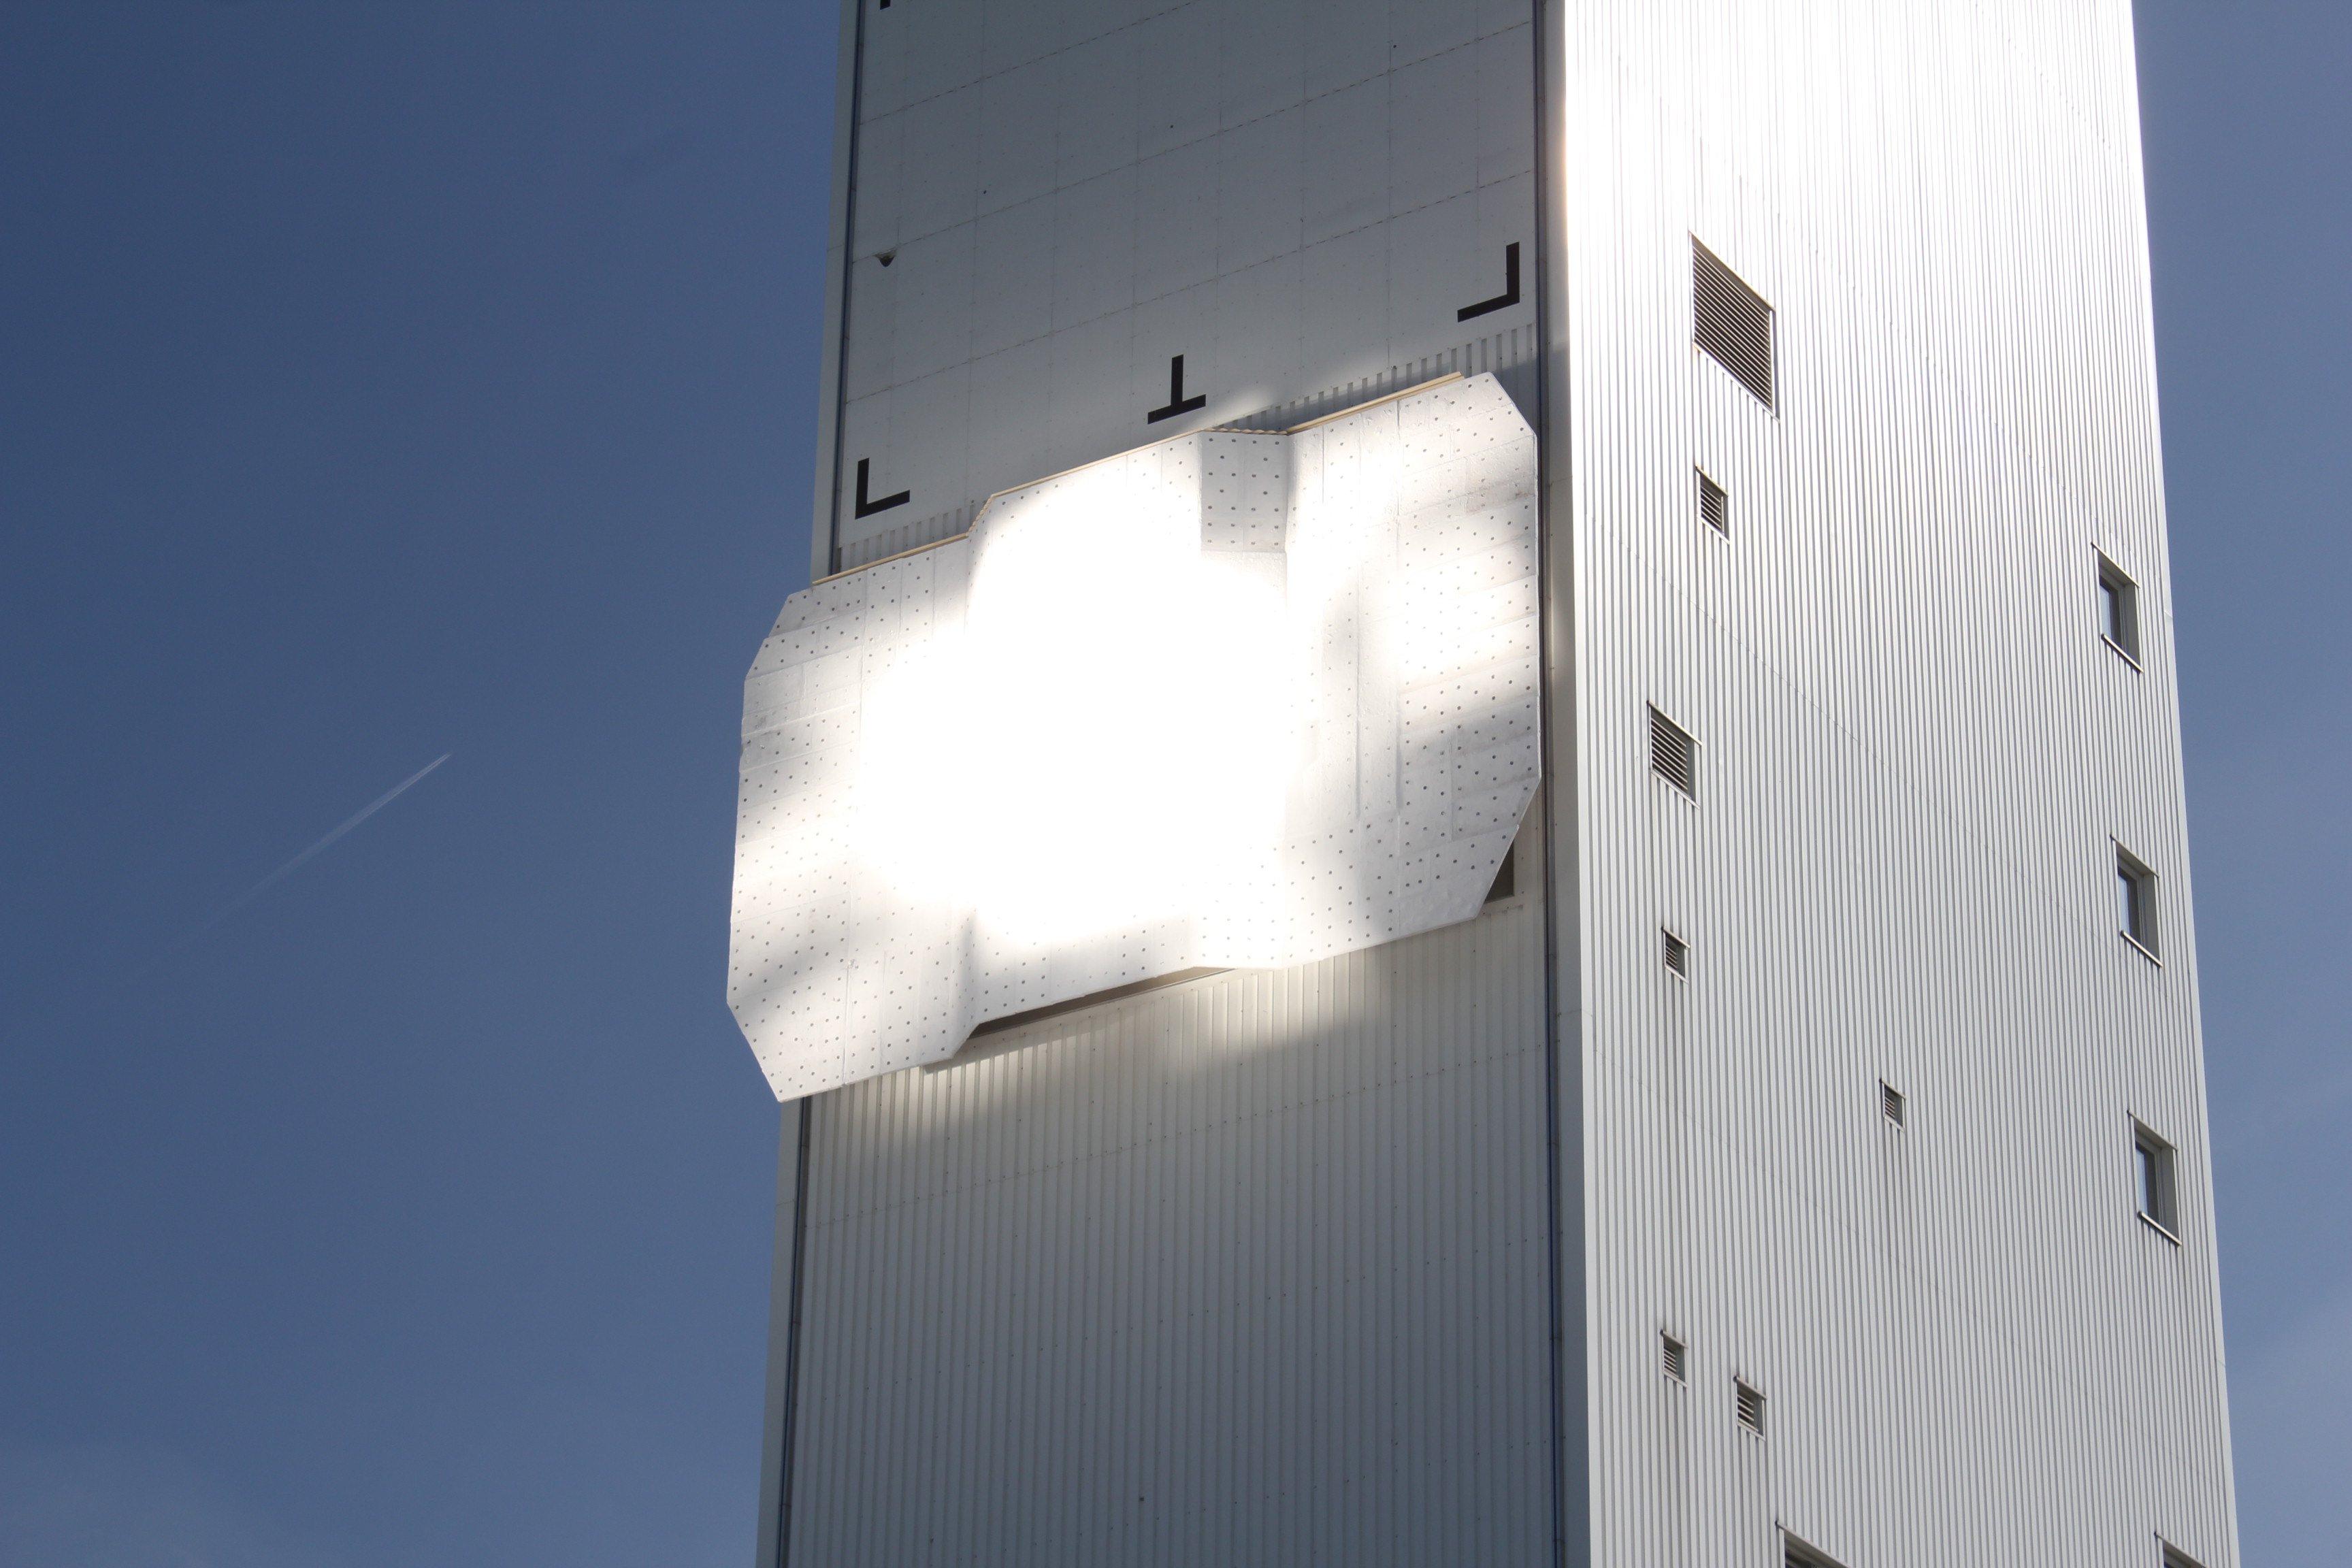 Ein Strahlungsempfänger sammelt an der Spitze des Turms die Sonnenstrahlen der auf ihn gerichteten Spiegel und wandelt die Sonnenenergie in Wärme um. Der Receiver arbeitet mit einer Betriebstemperatur von bis zu 700 Grad Celsius. Dadurch kann die Solarenergie sehr effizient in Wärme und anschließend in Strom umgewandelt werden.